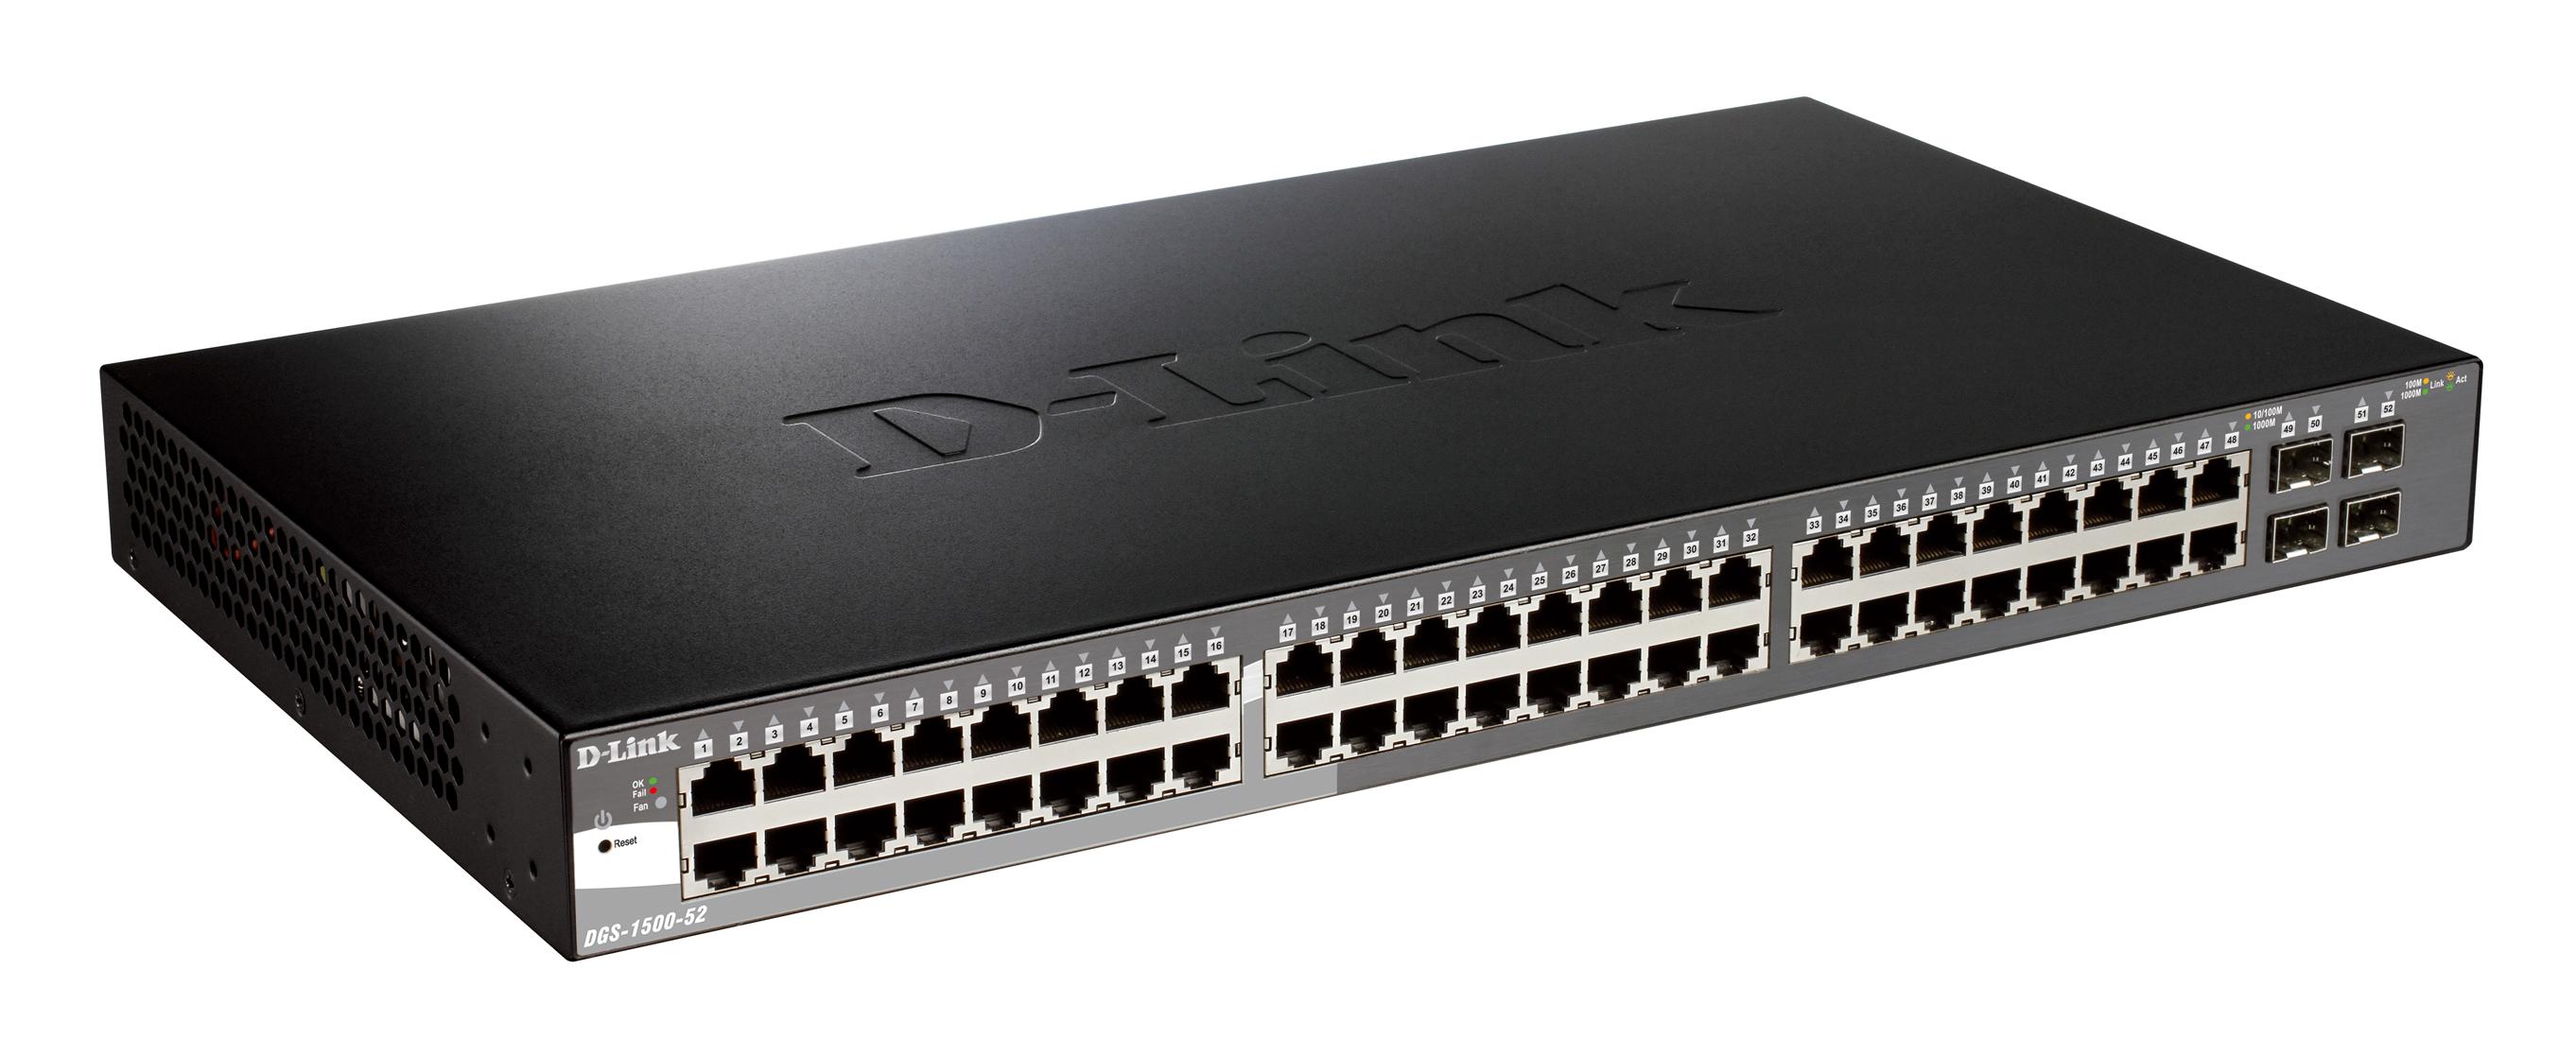 D-Link DGS-1500-52 Treiber